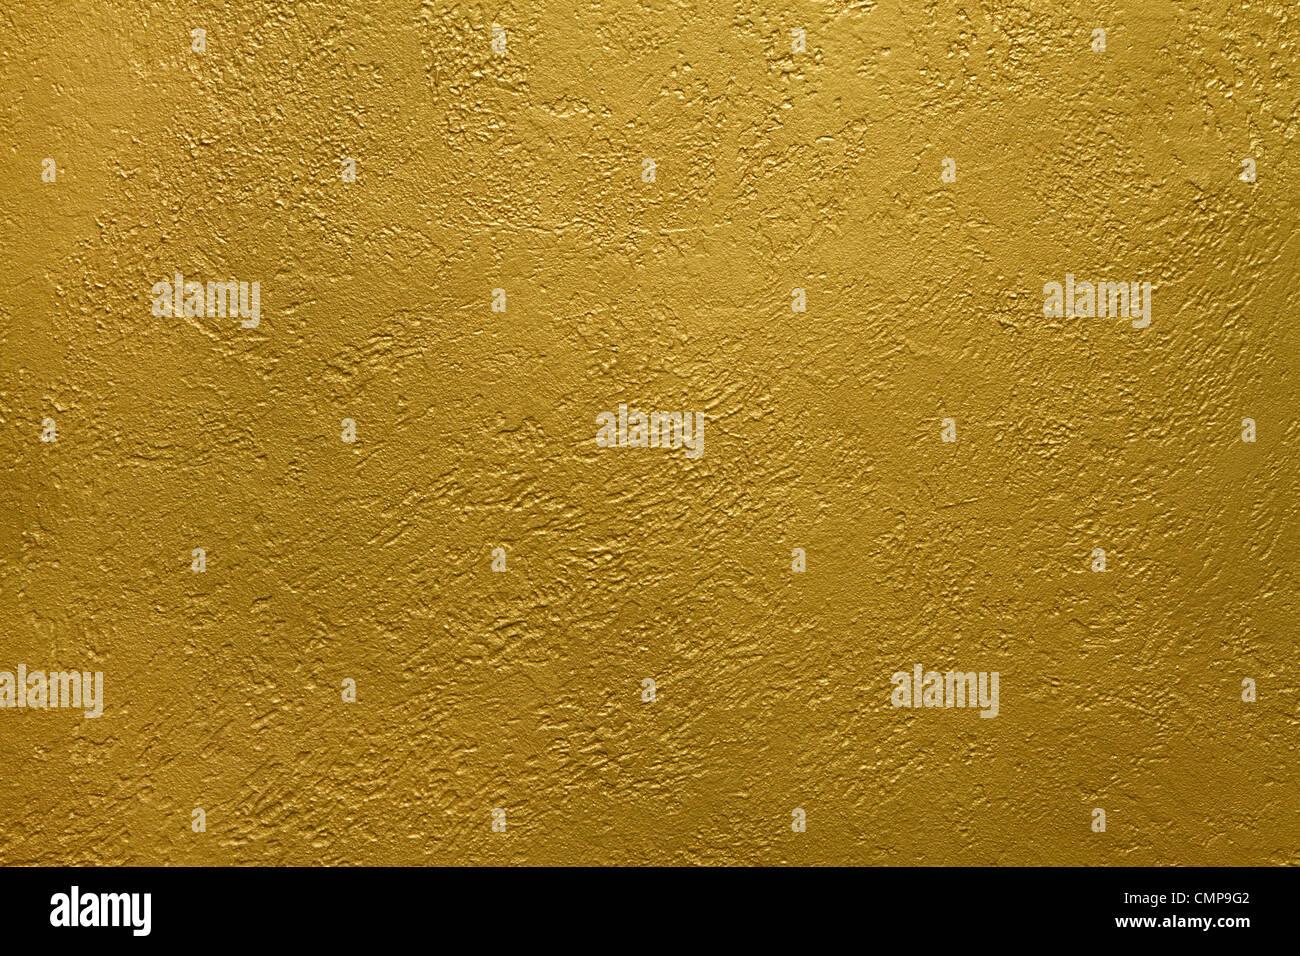 La texture d'un mur de ciment recouvert de peinture d'or Photo Stock